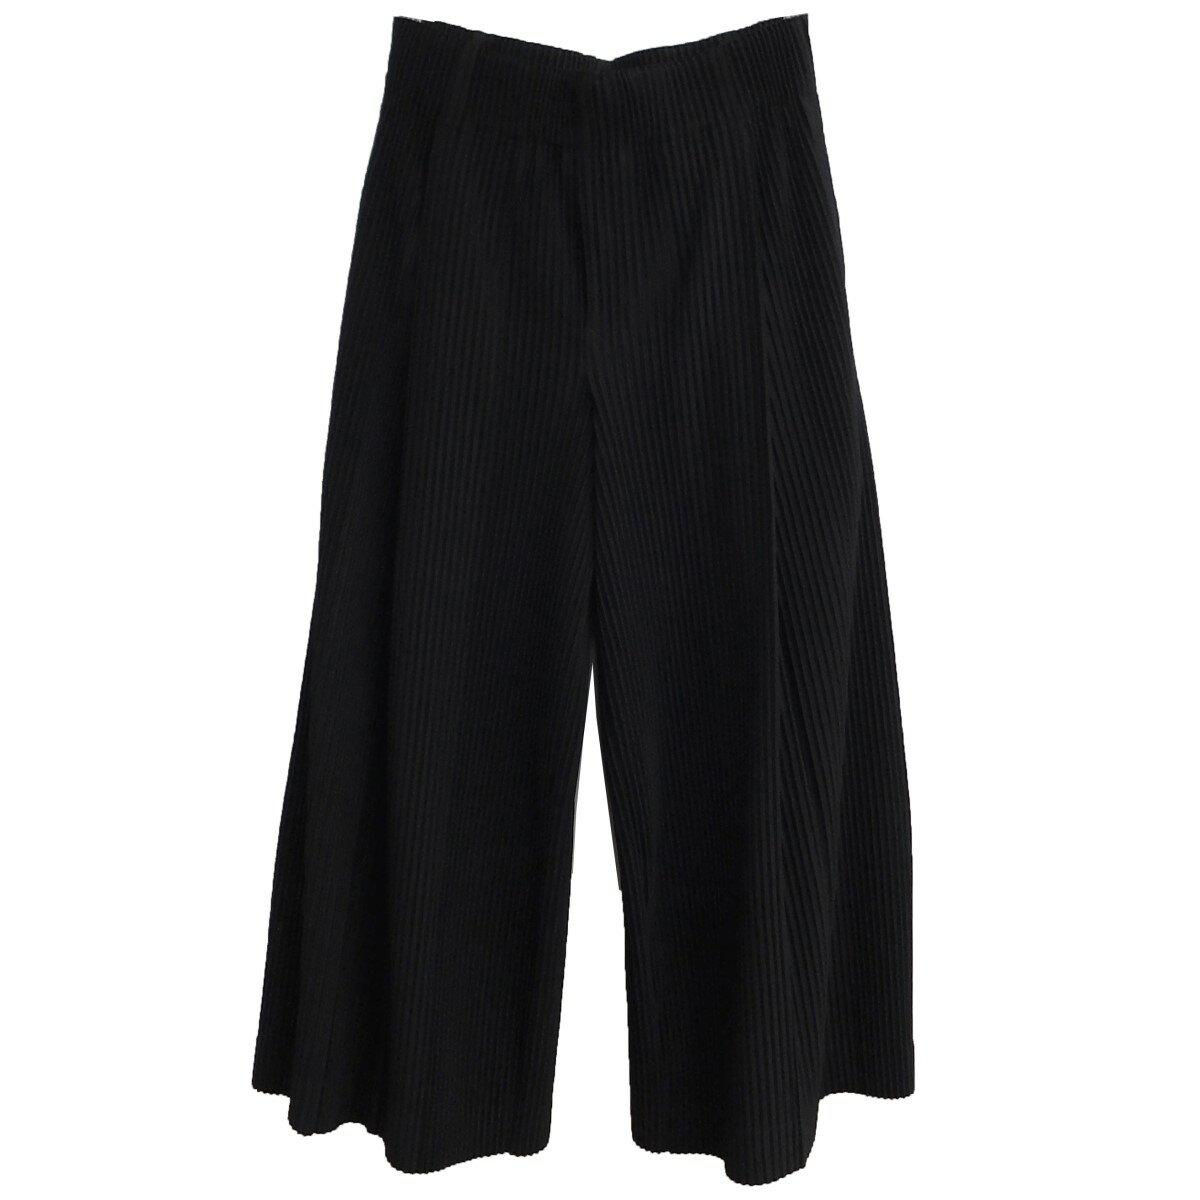 メンズファッション, ズボン・パンツ HOMME PLISSE ISSEY MIYAKE 2020AW PLEATS BOTTOMS 1 1 090221